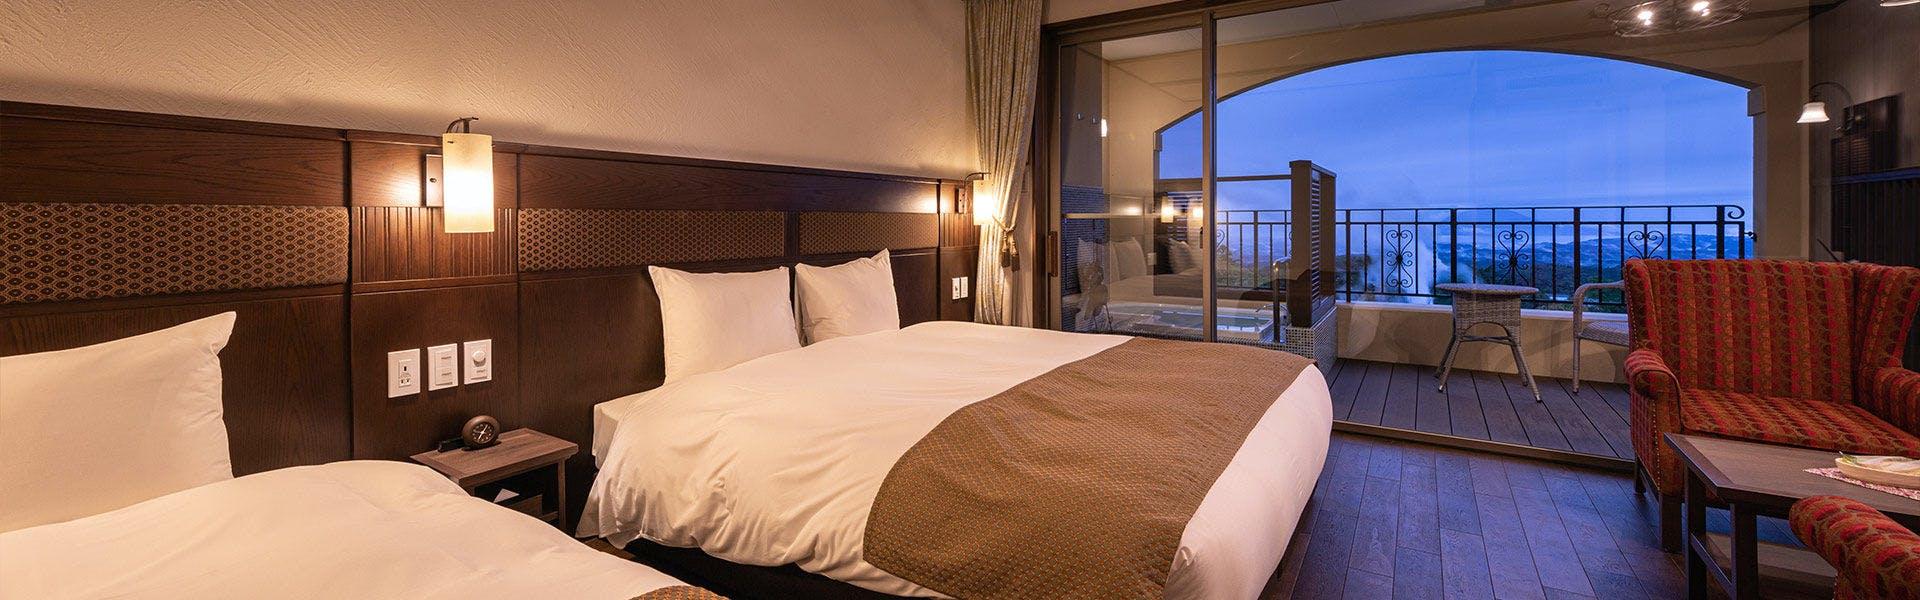 記念日におすすめのホテル・ラビスタ霧島ヒルズの写真2